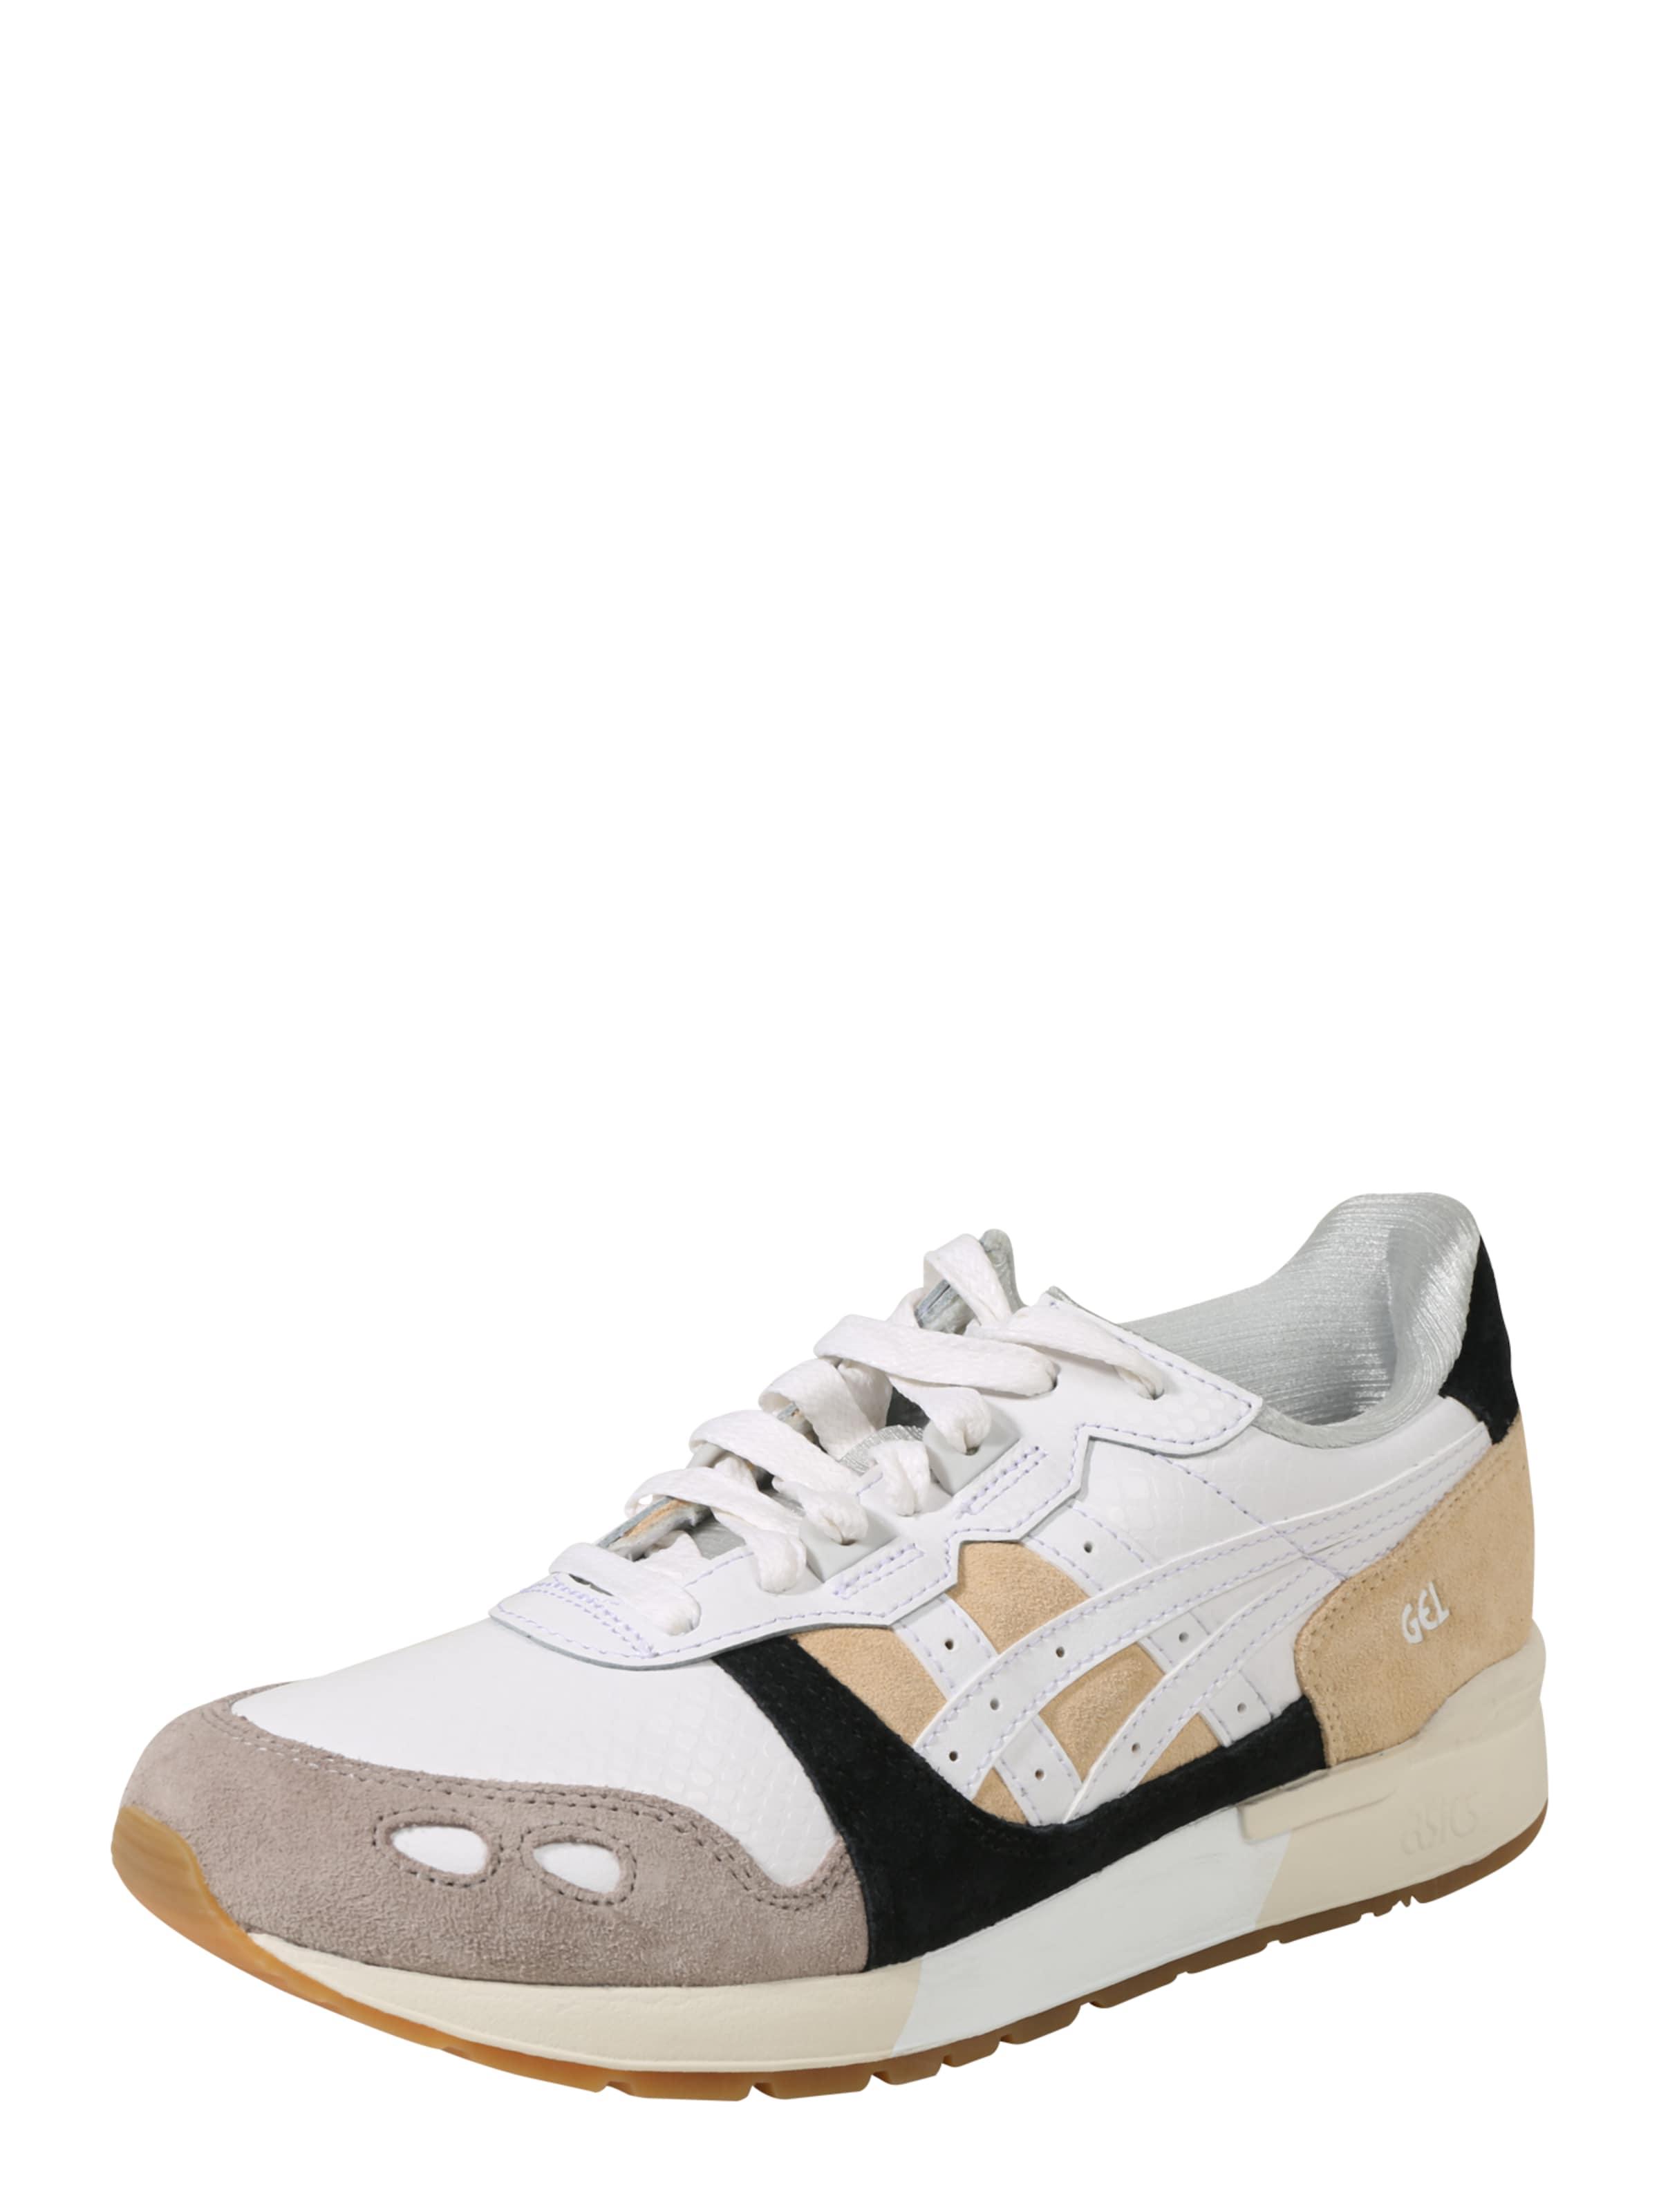 Haltbare Mode billige Schuhe Asics Tiger   Sneaker 'GEL-LYTE' Schuhe Gut getragene Schuhe